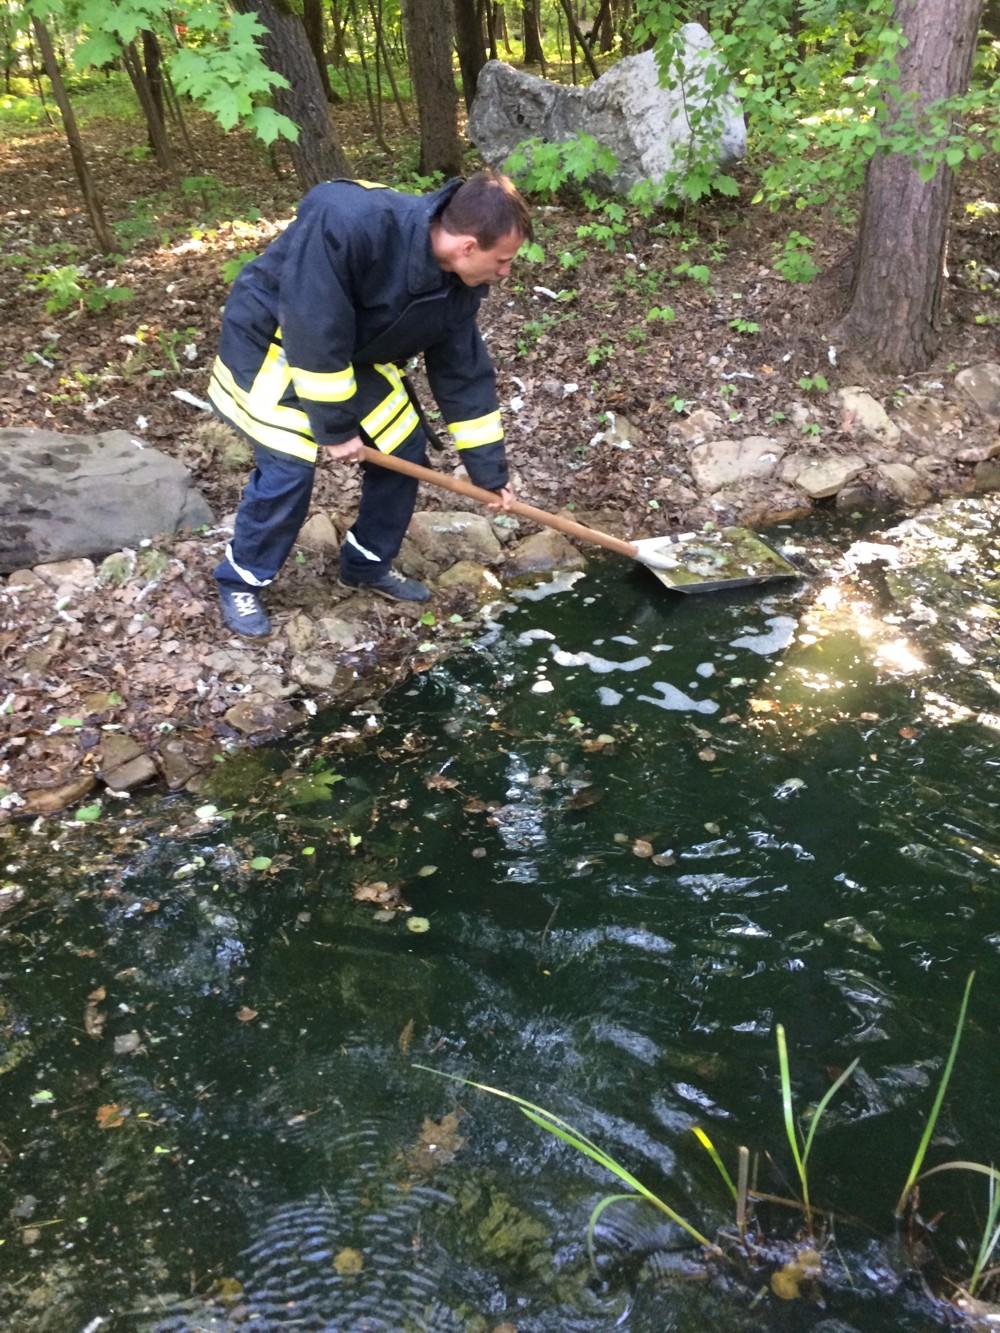 Спасатели Ростовского филиала АСС провели очистку водоема от нефтепродуктов, образовавшеюся в результате аварии на  АЗС в Пролетарском районе области